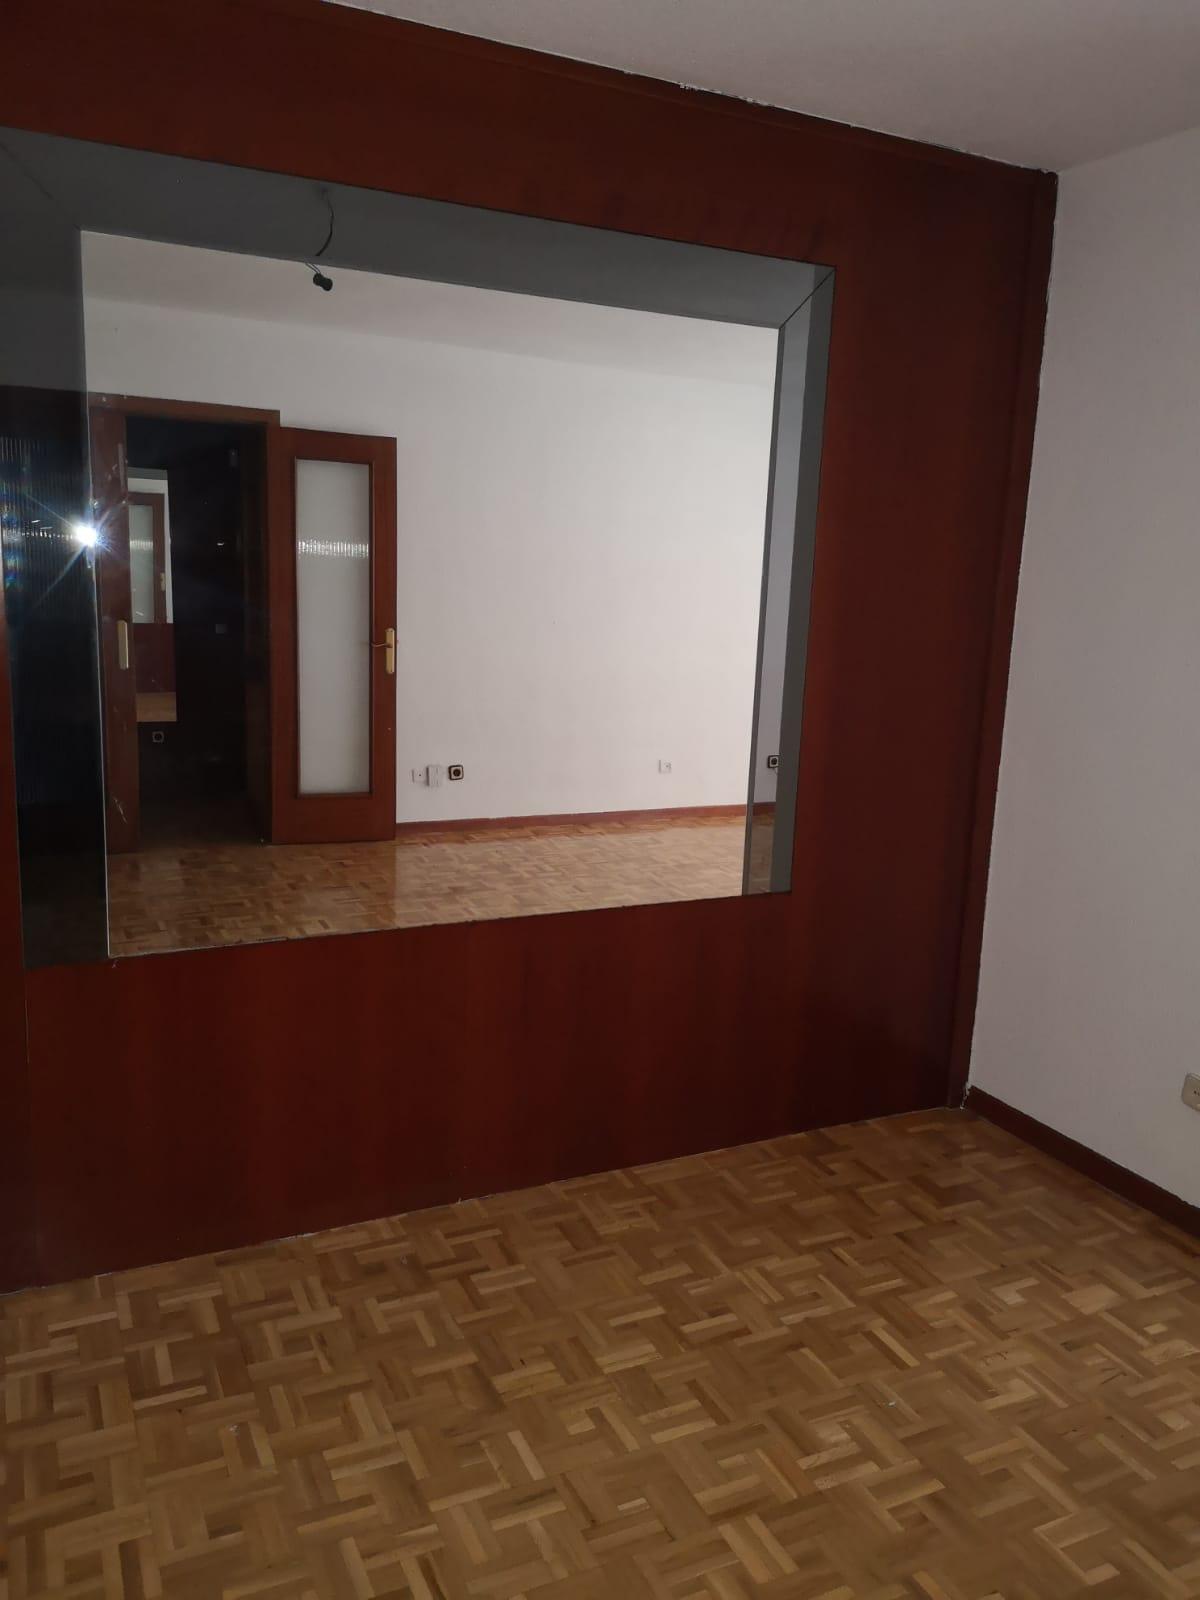 Piso en venta en Madrid, Madrid, Calle Cebreros, 269.000 €, 3 habitaciones, 2 baños, 125 m2